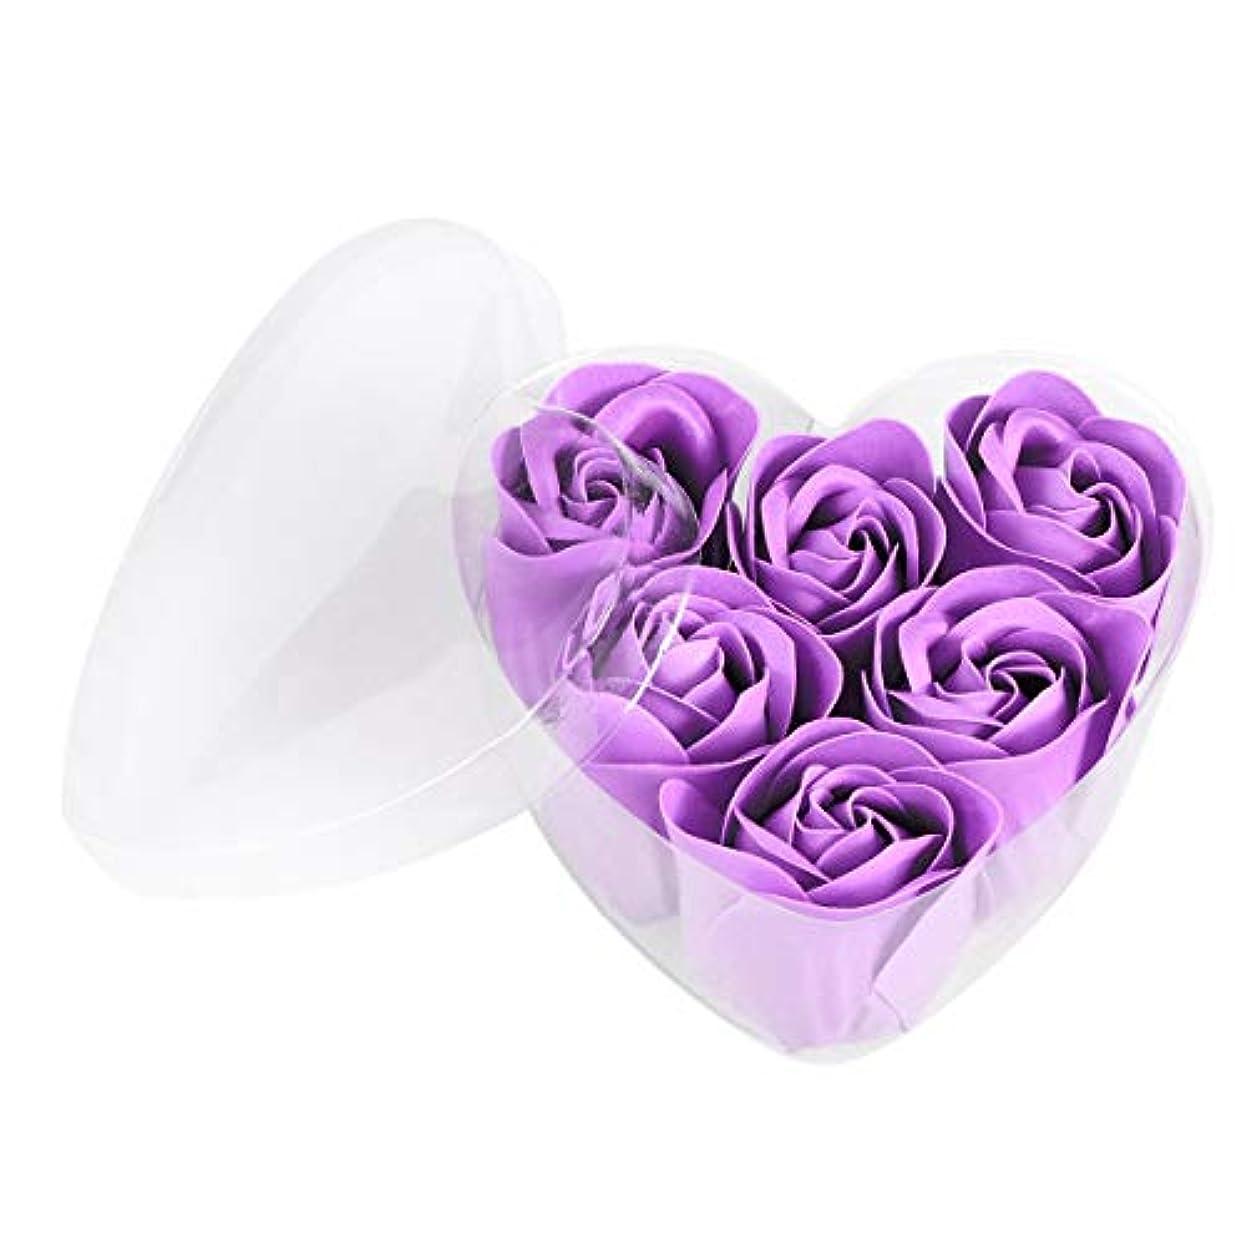 冗長オッズ砲兵FRCOLOR 6ピースシミュレーションローズソープハート型フラワーソープギフトボックス用誕生日Valentin's Day(紫)